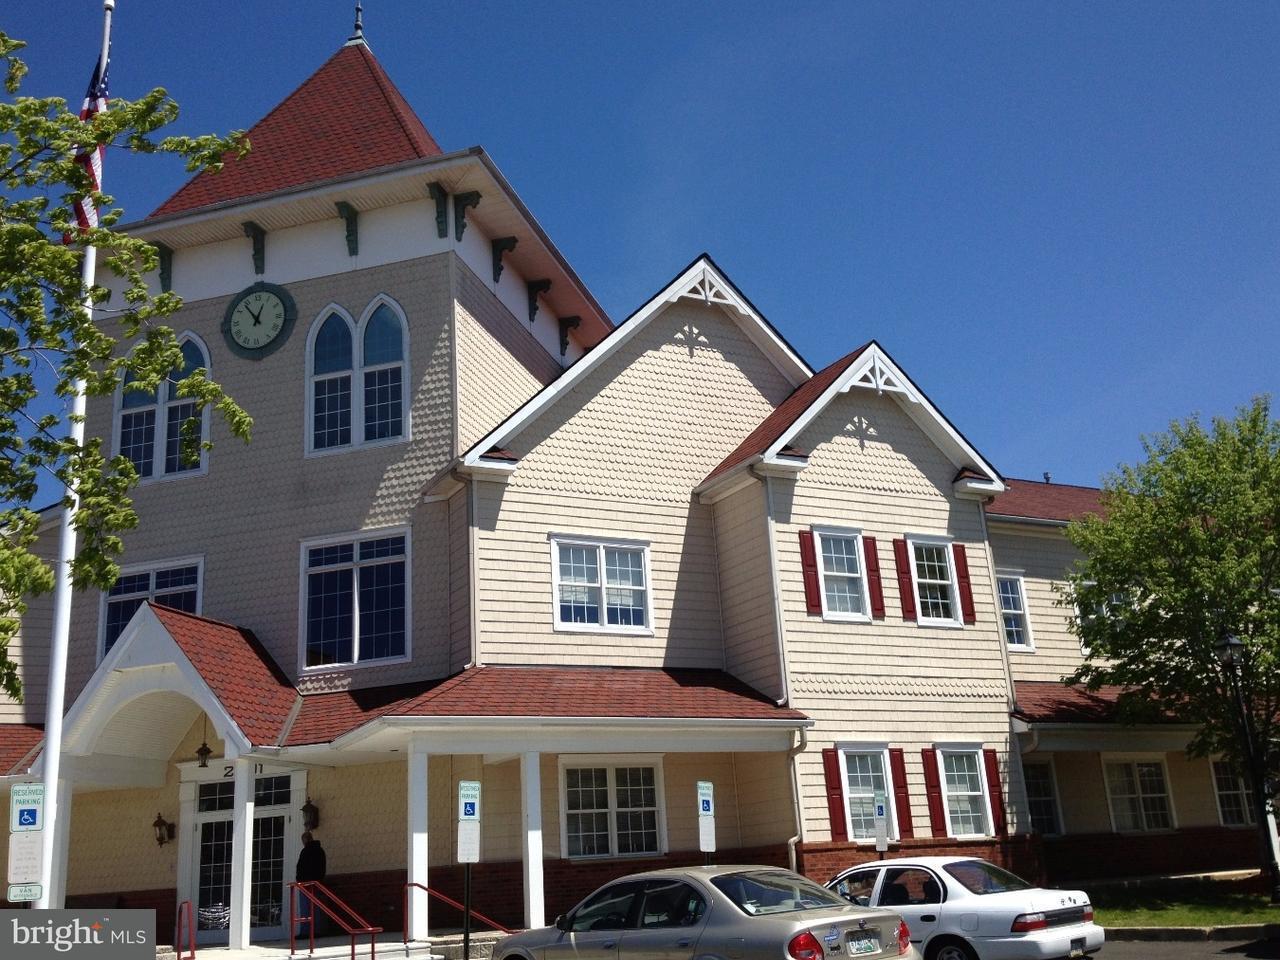 Частный односемейный дом для того Аренда на 2305 HUNTINGDON PIKE #100 Huntingdon Valley, Пенсильвания 19006 Соединенные Штаты